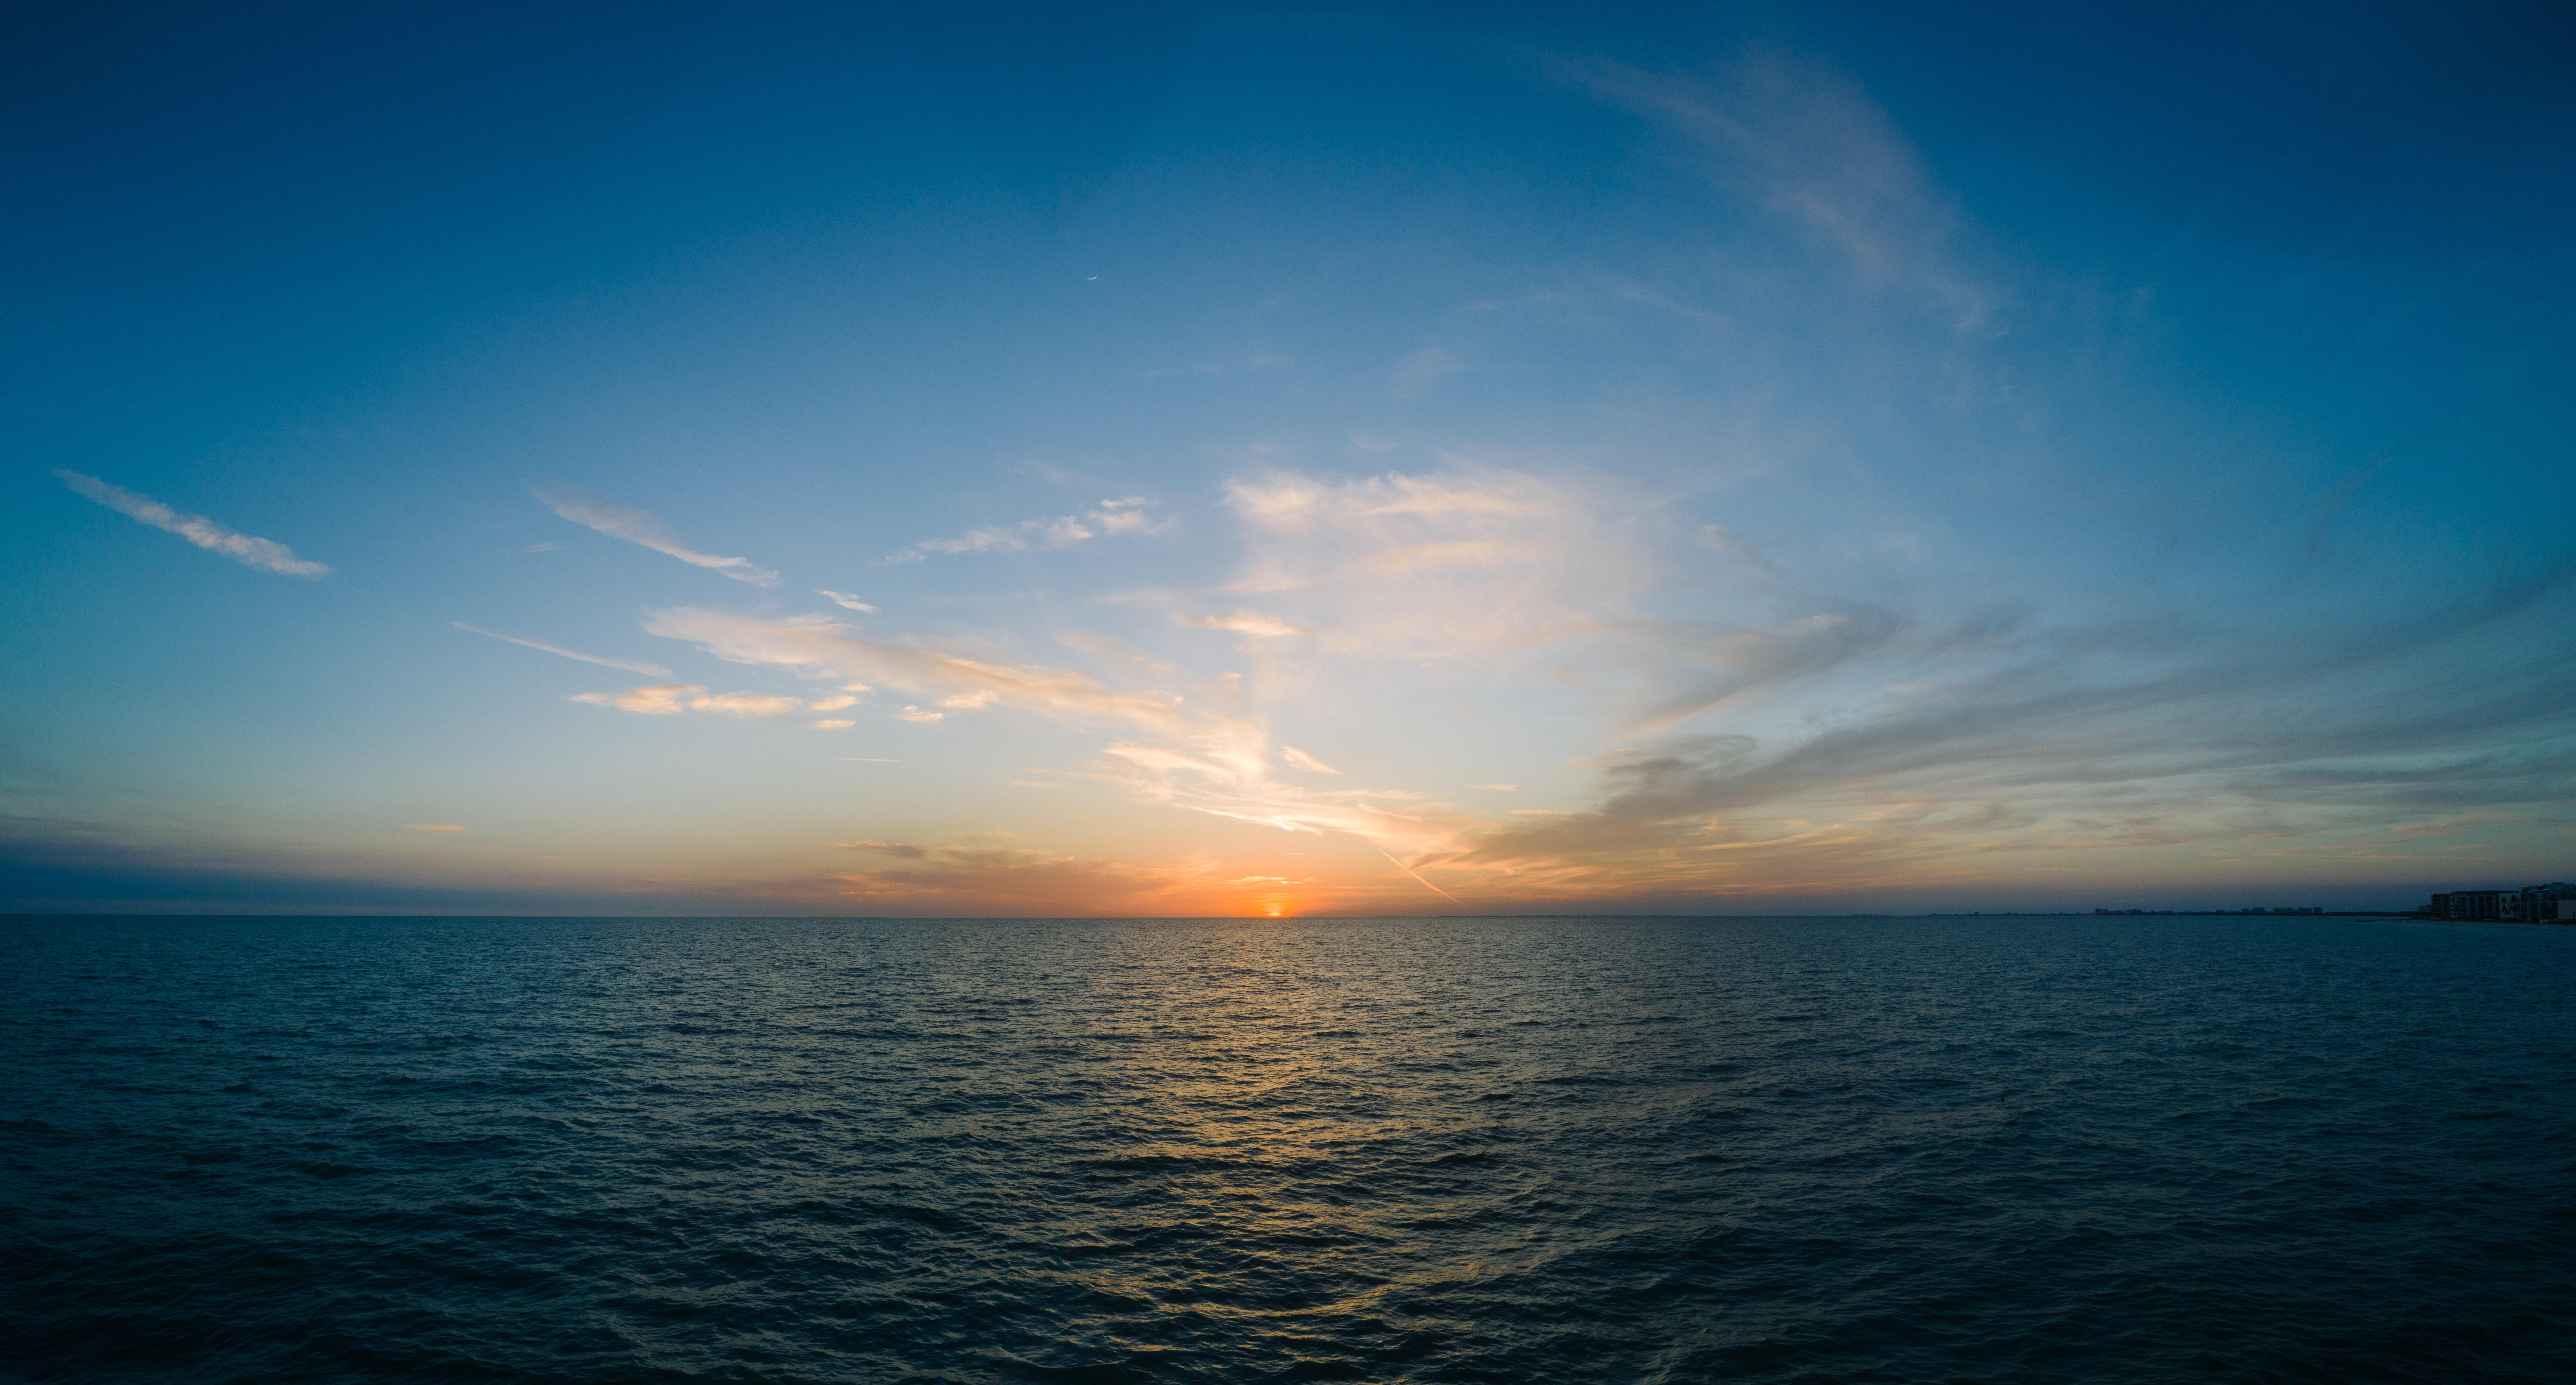 1000+ Beautiful Evening Sky Photos · Pexels · Free Stock